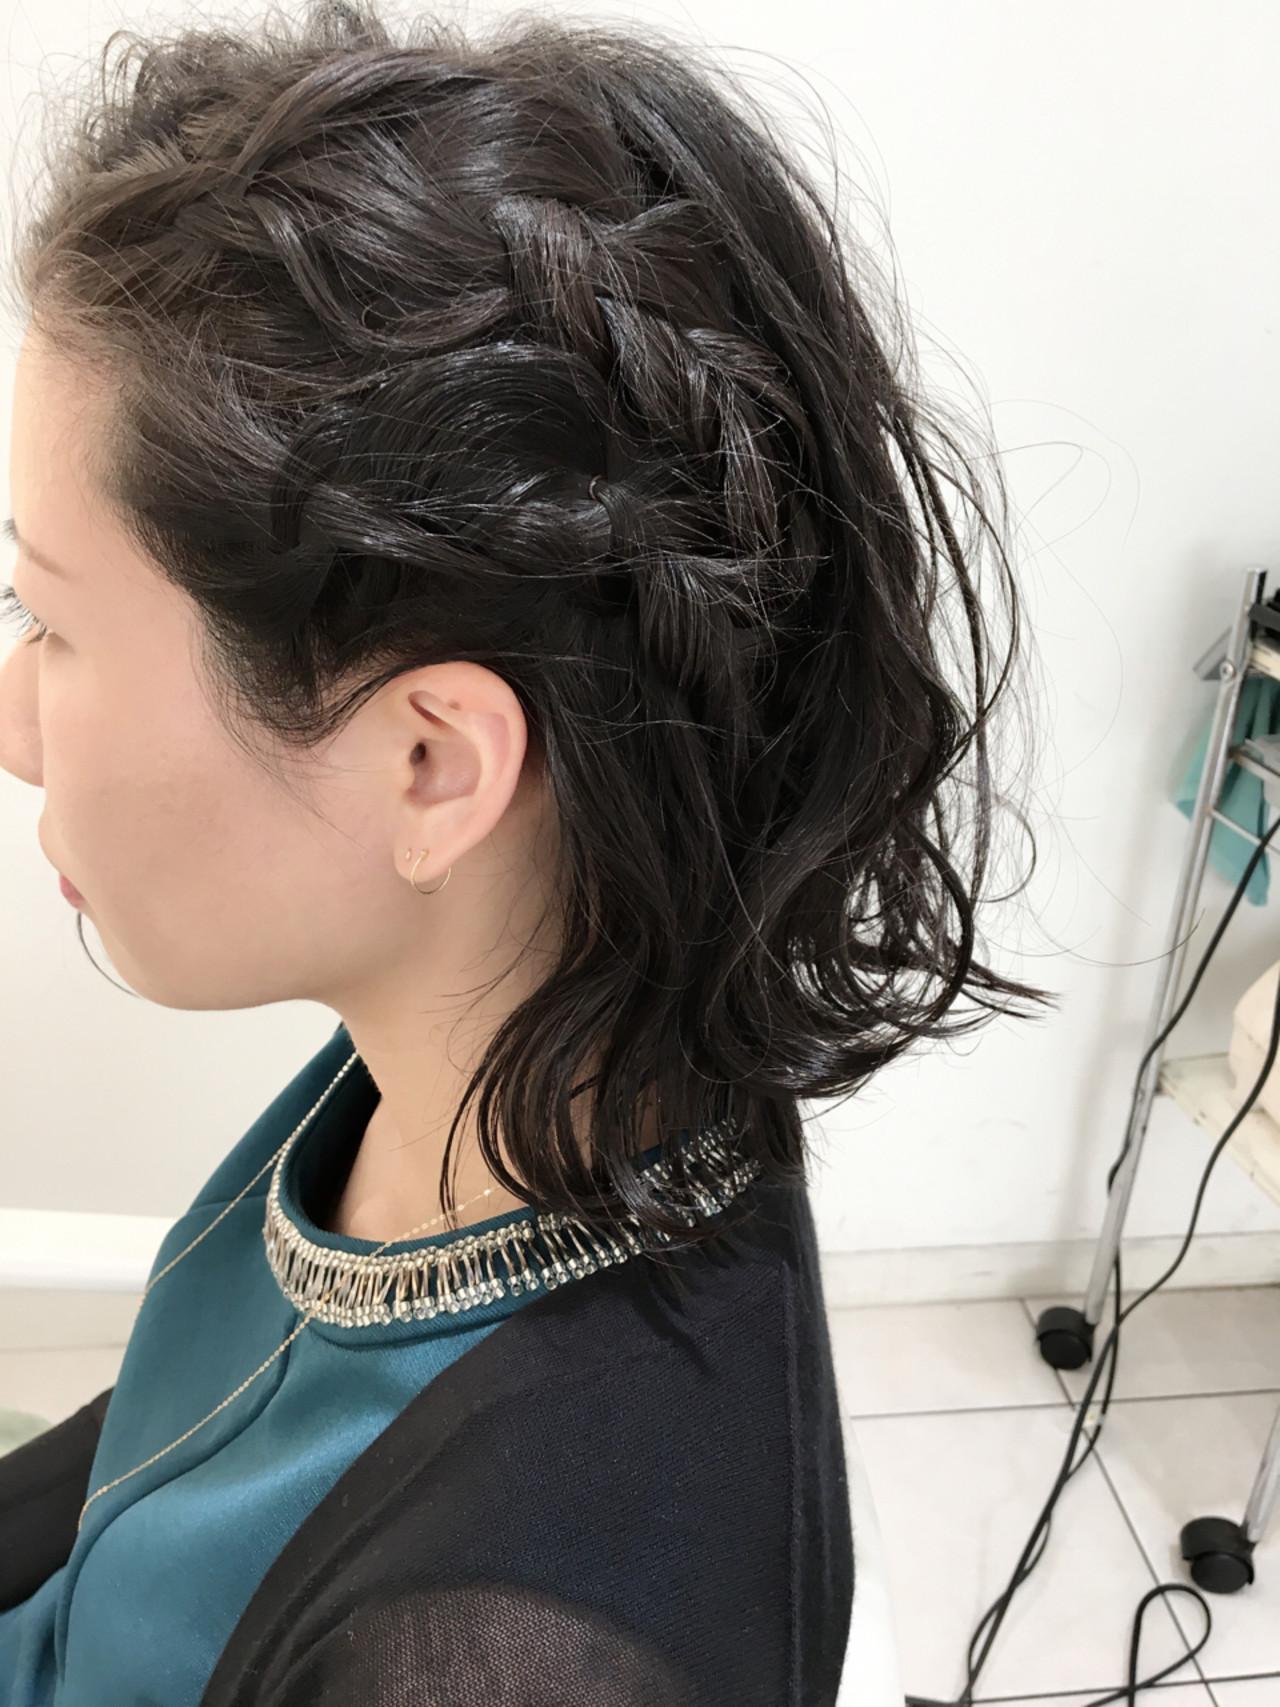 ハーフアップ 簡単ヘアアレンジ ヘアアレンジ 三つ編み ヘアスタイルや髪型の写真・画像 | 石田裕紀 / Baroque 立川 newtonグループ